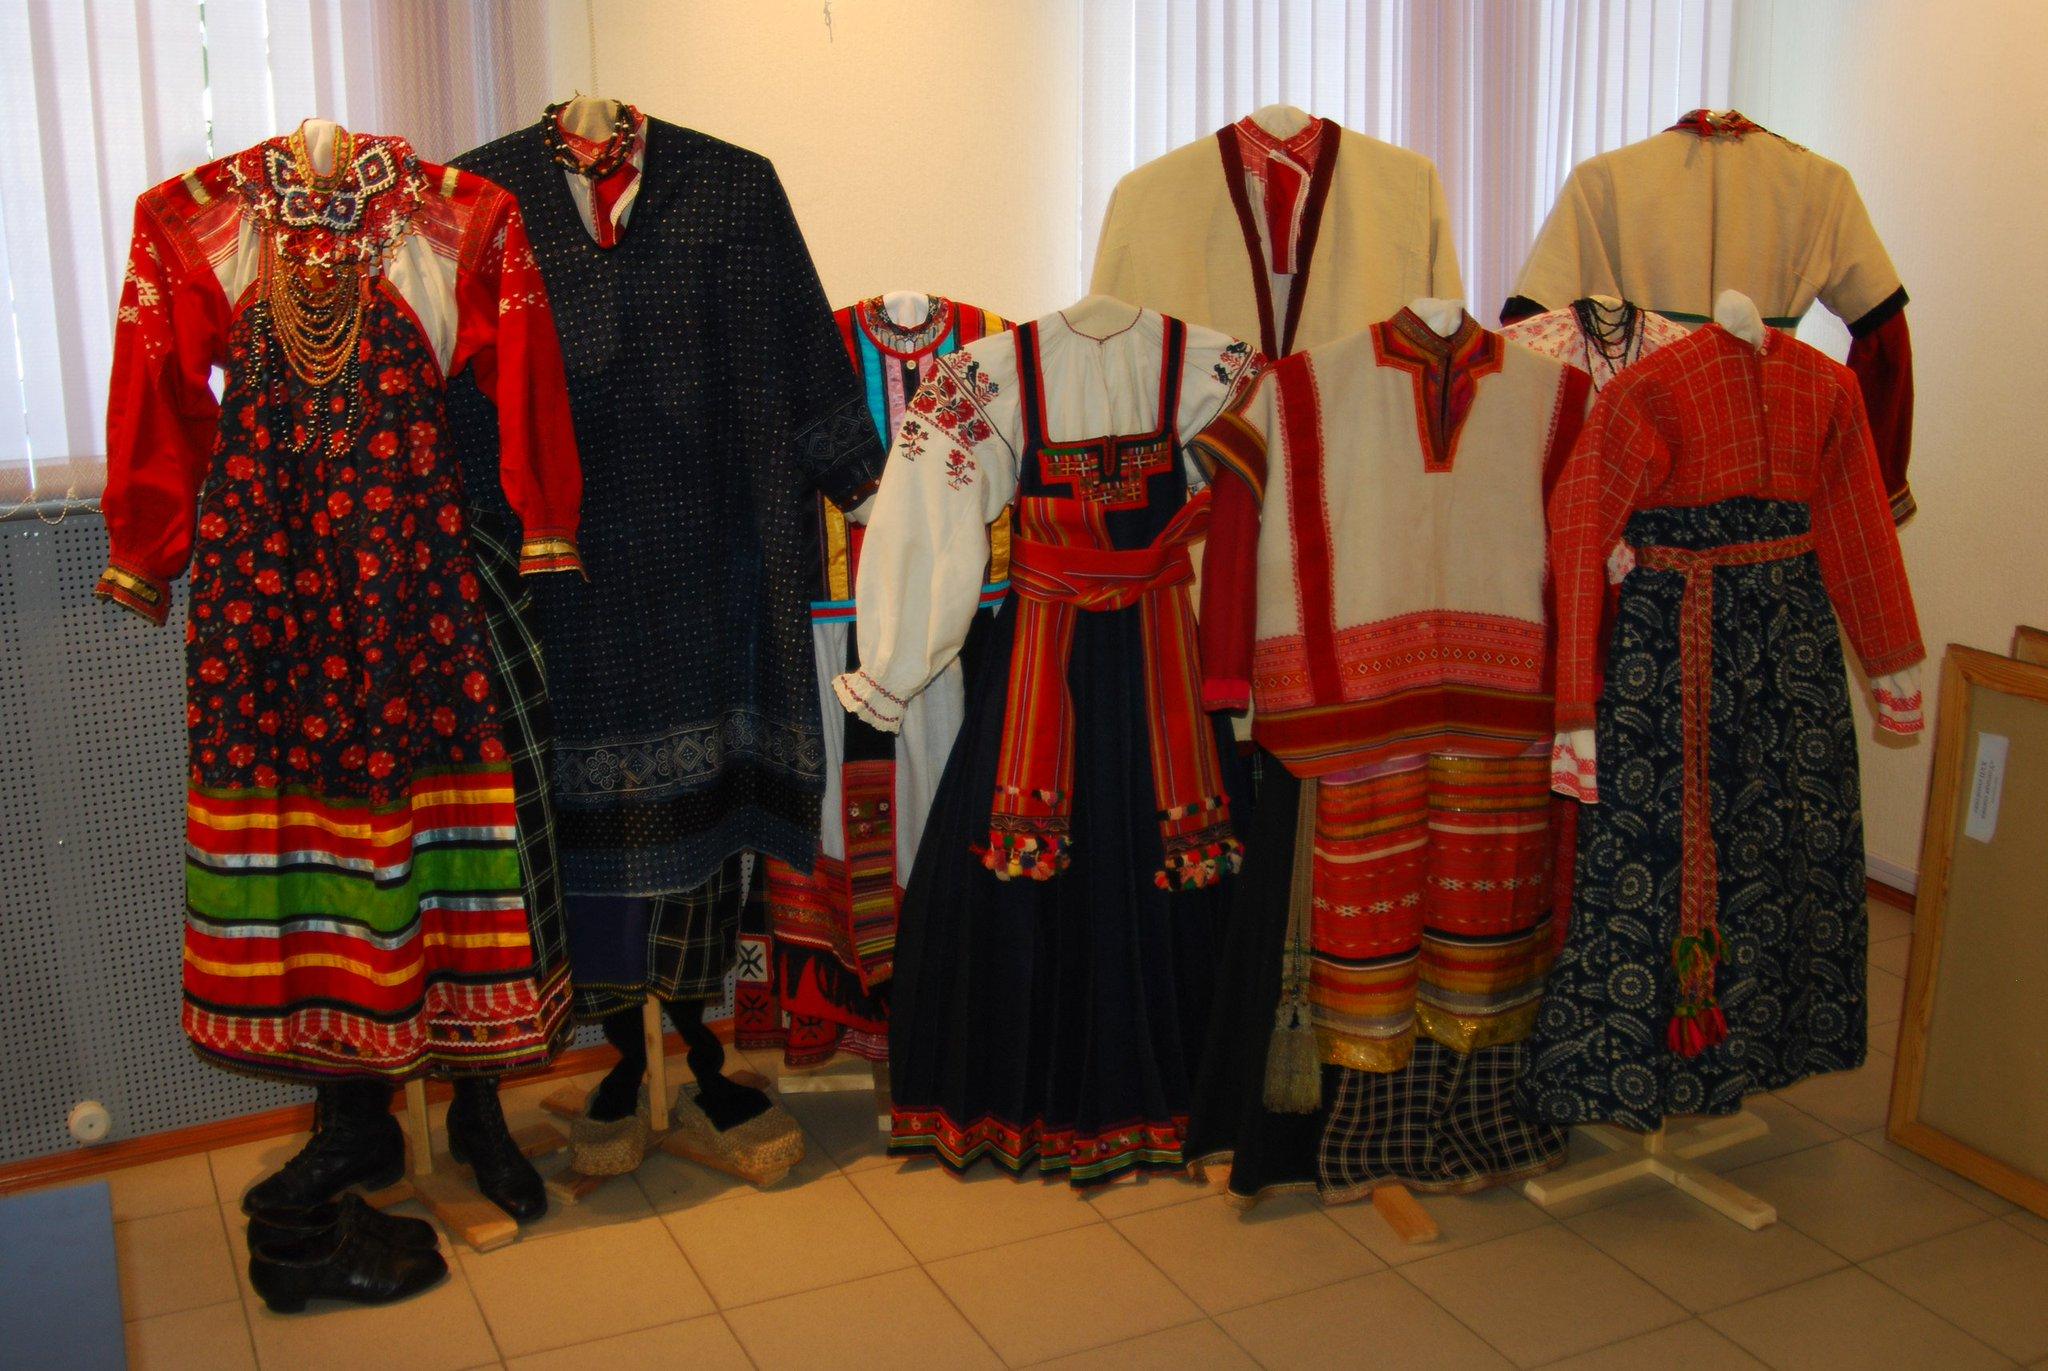 выращивать национальные костюмы в россии является лиановидным